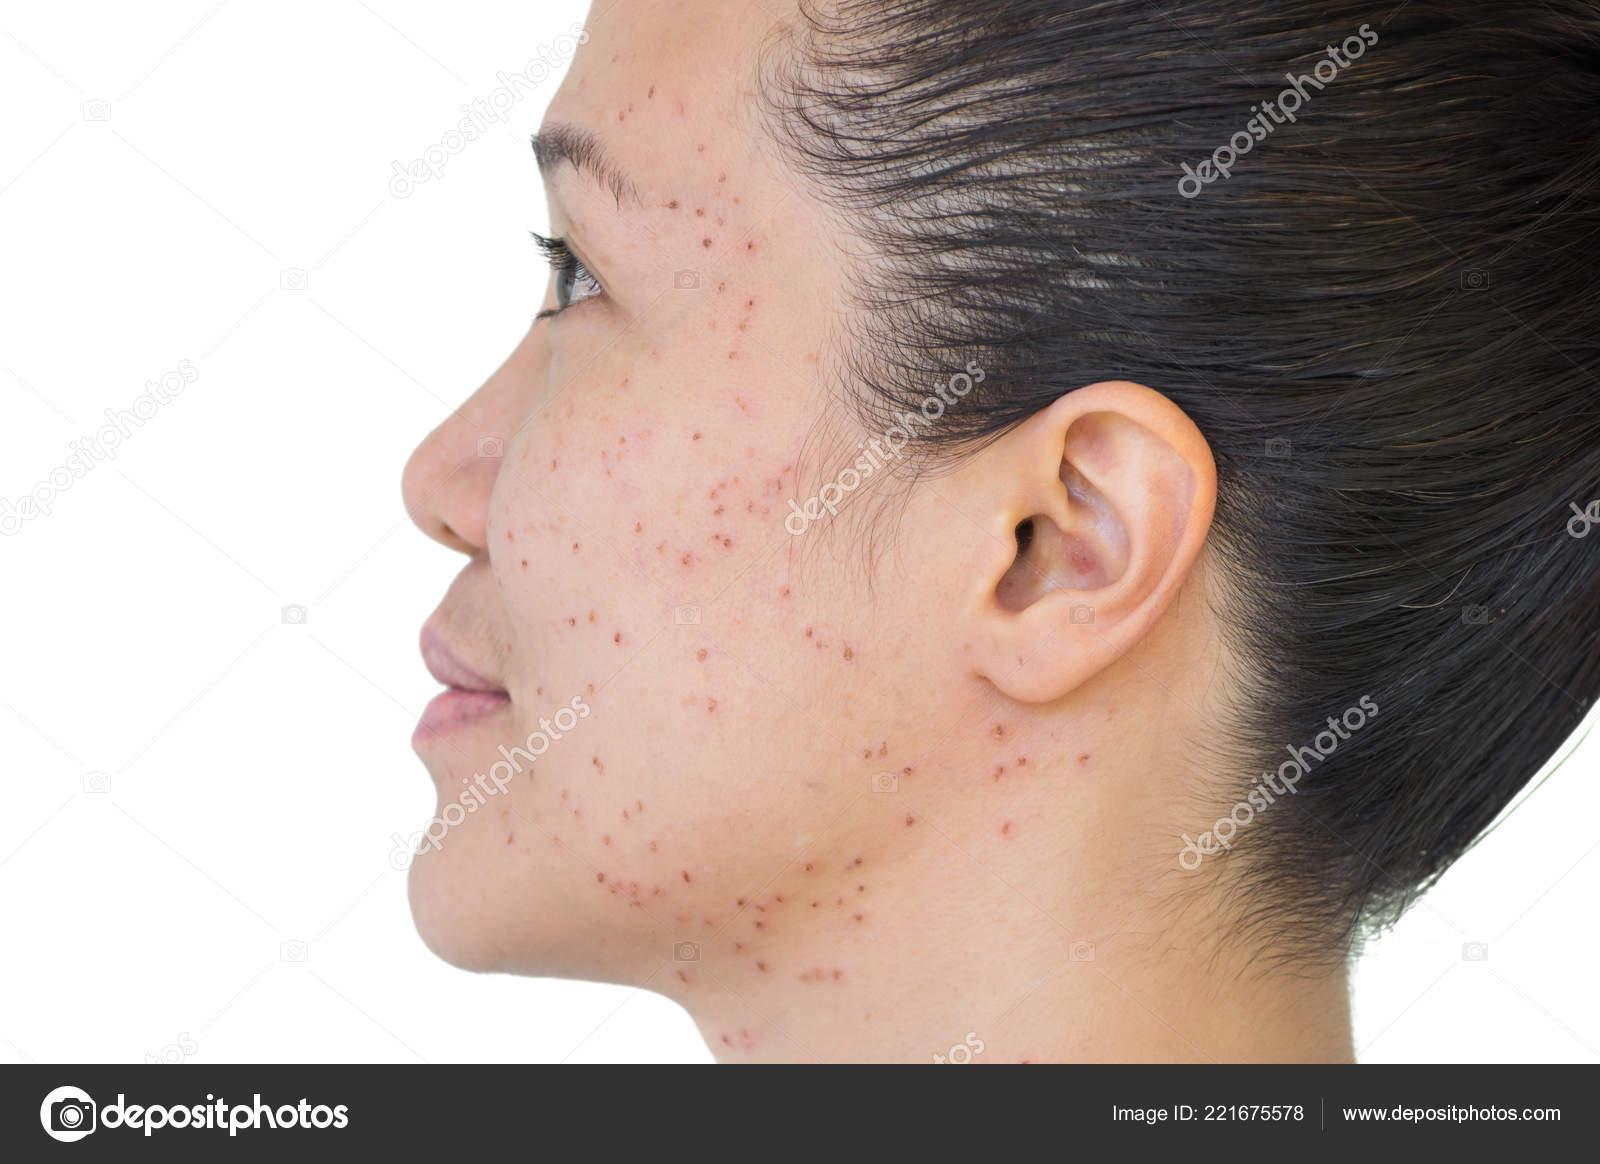 Burn Spots Scabs Laser Treatment Acne Skin Freckles Freckles